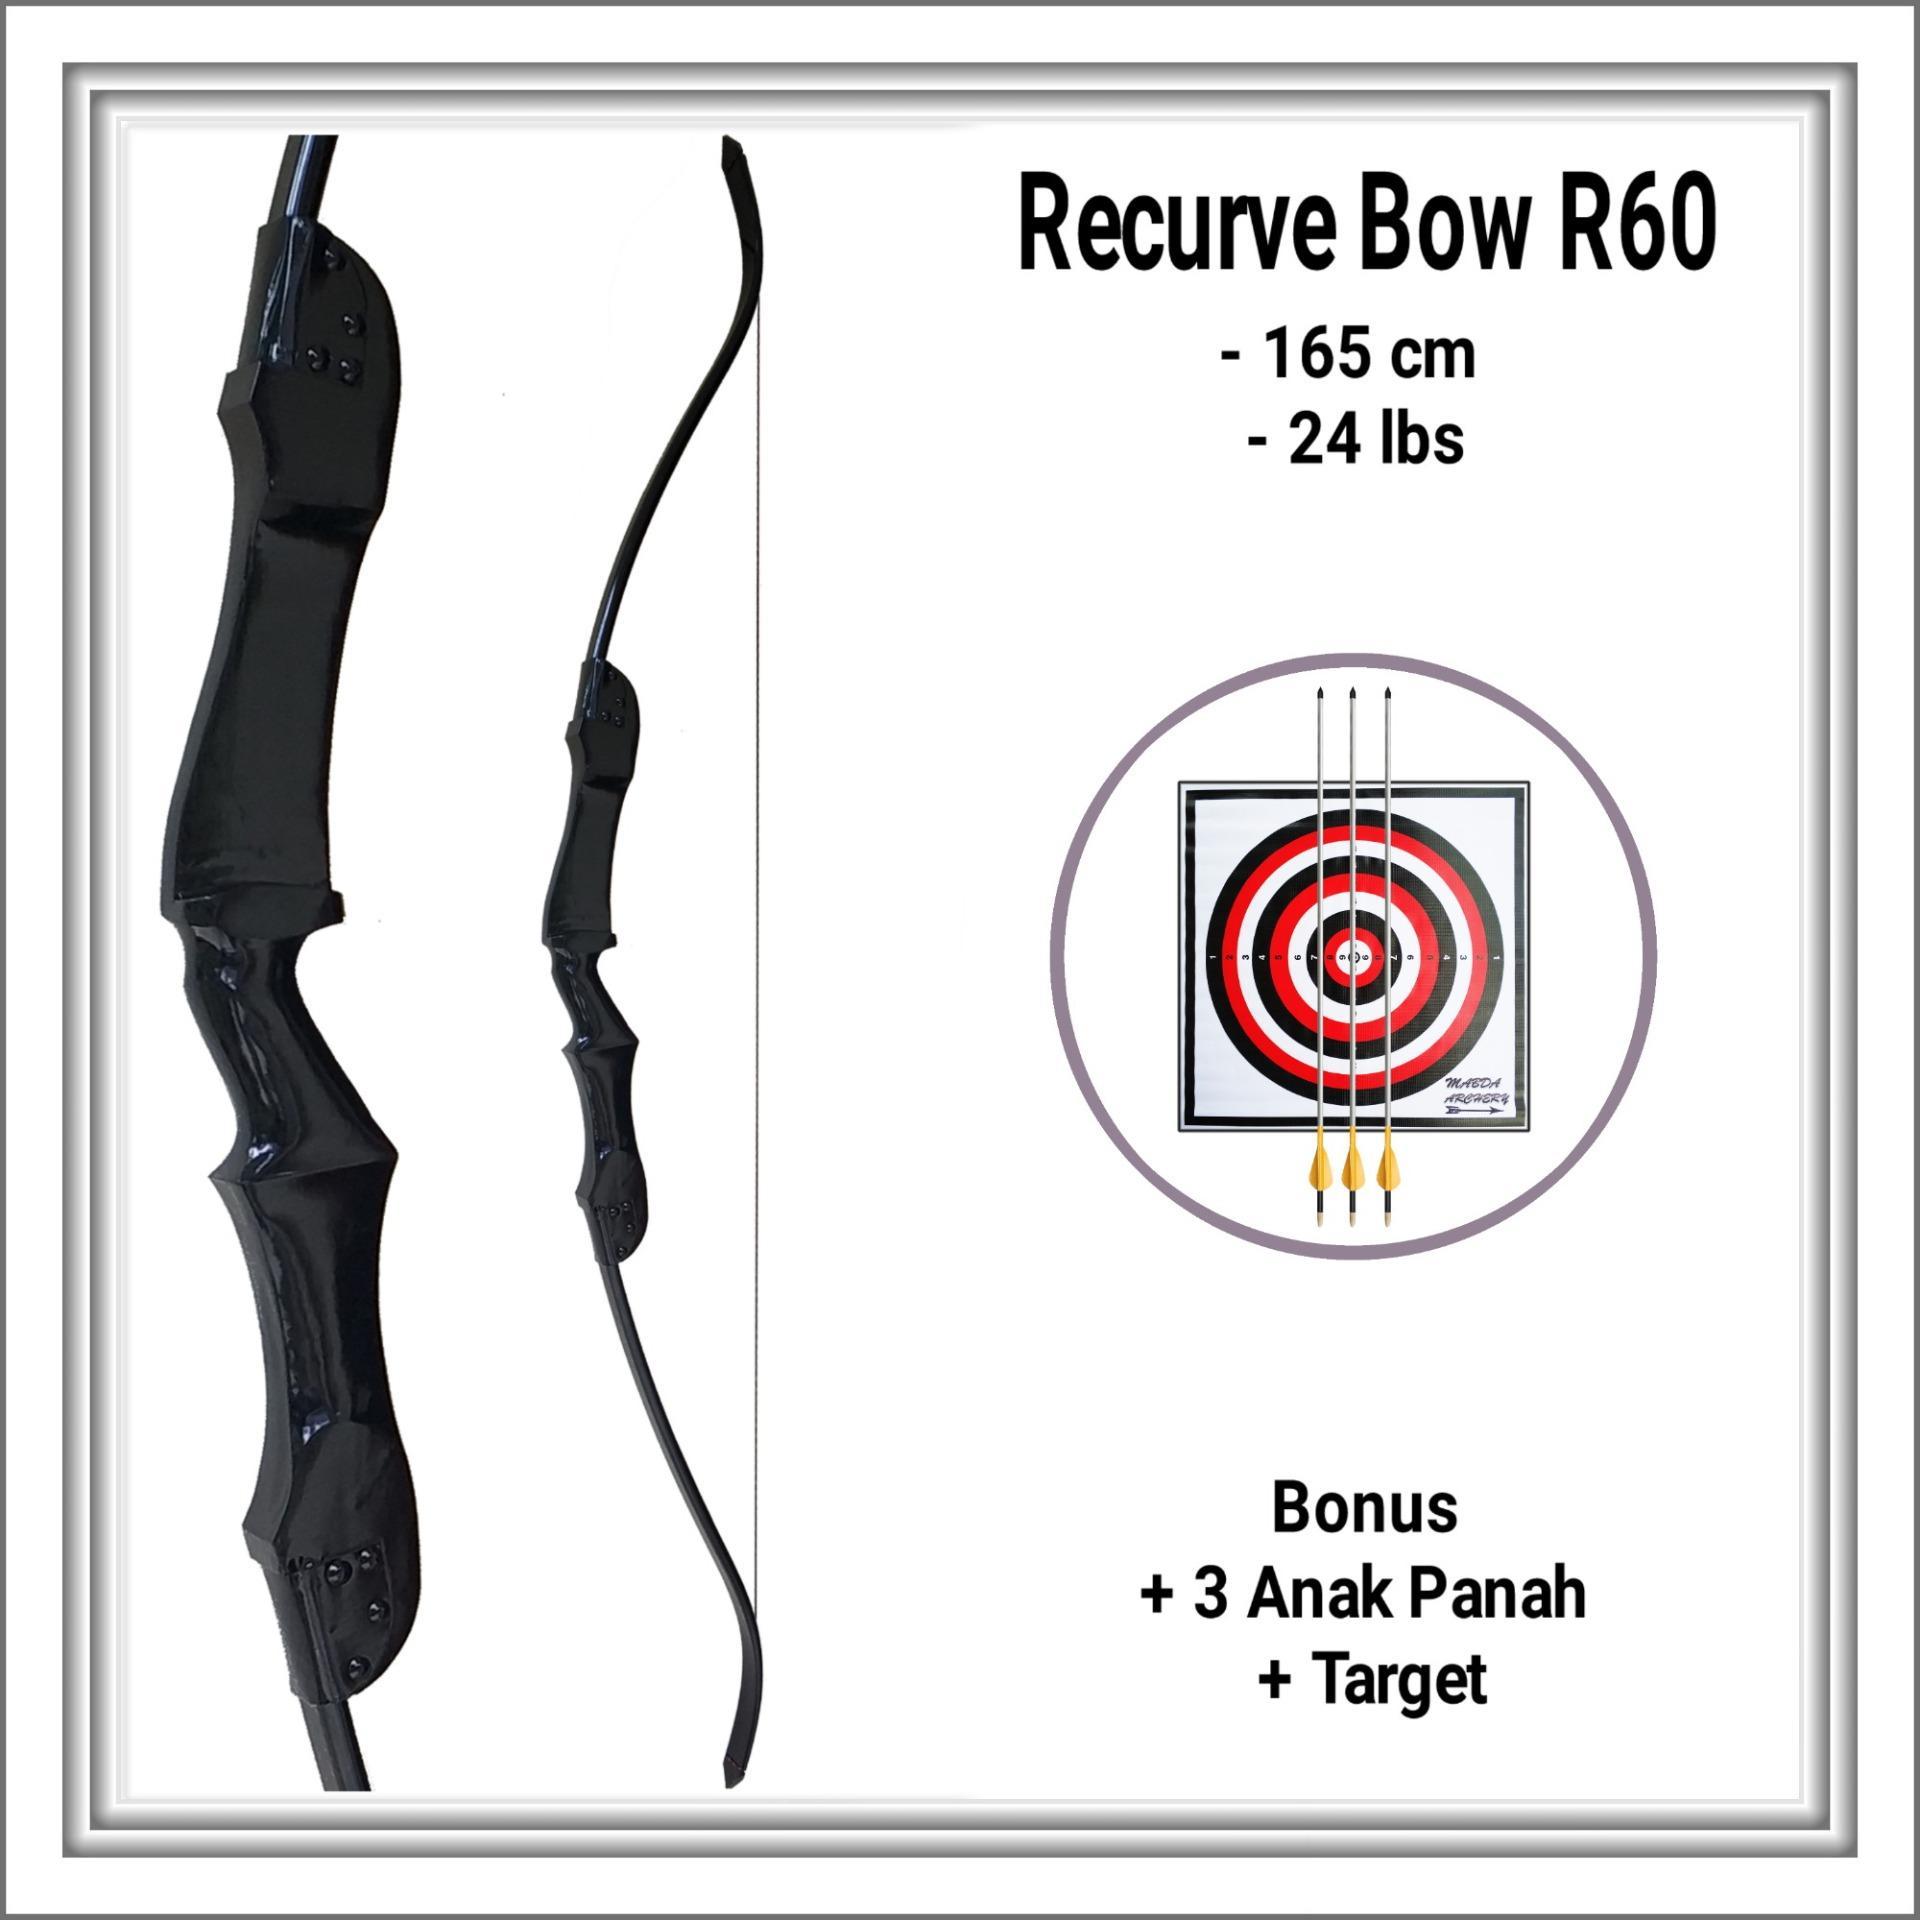 Bantalan Face Target 40x40x2cm Bergaransi Papan Karet Sasaran Arrow Panahan Busur Standar Pvc Wooden Recurve Bow 165 Cm